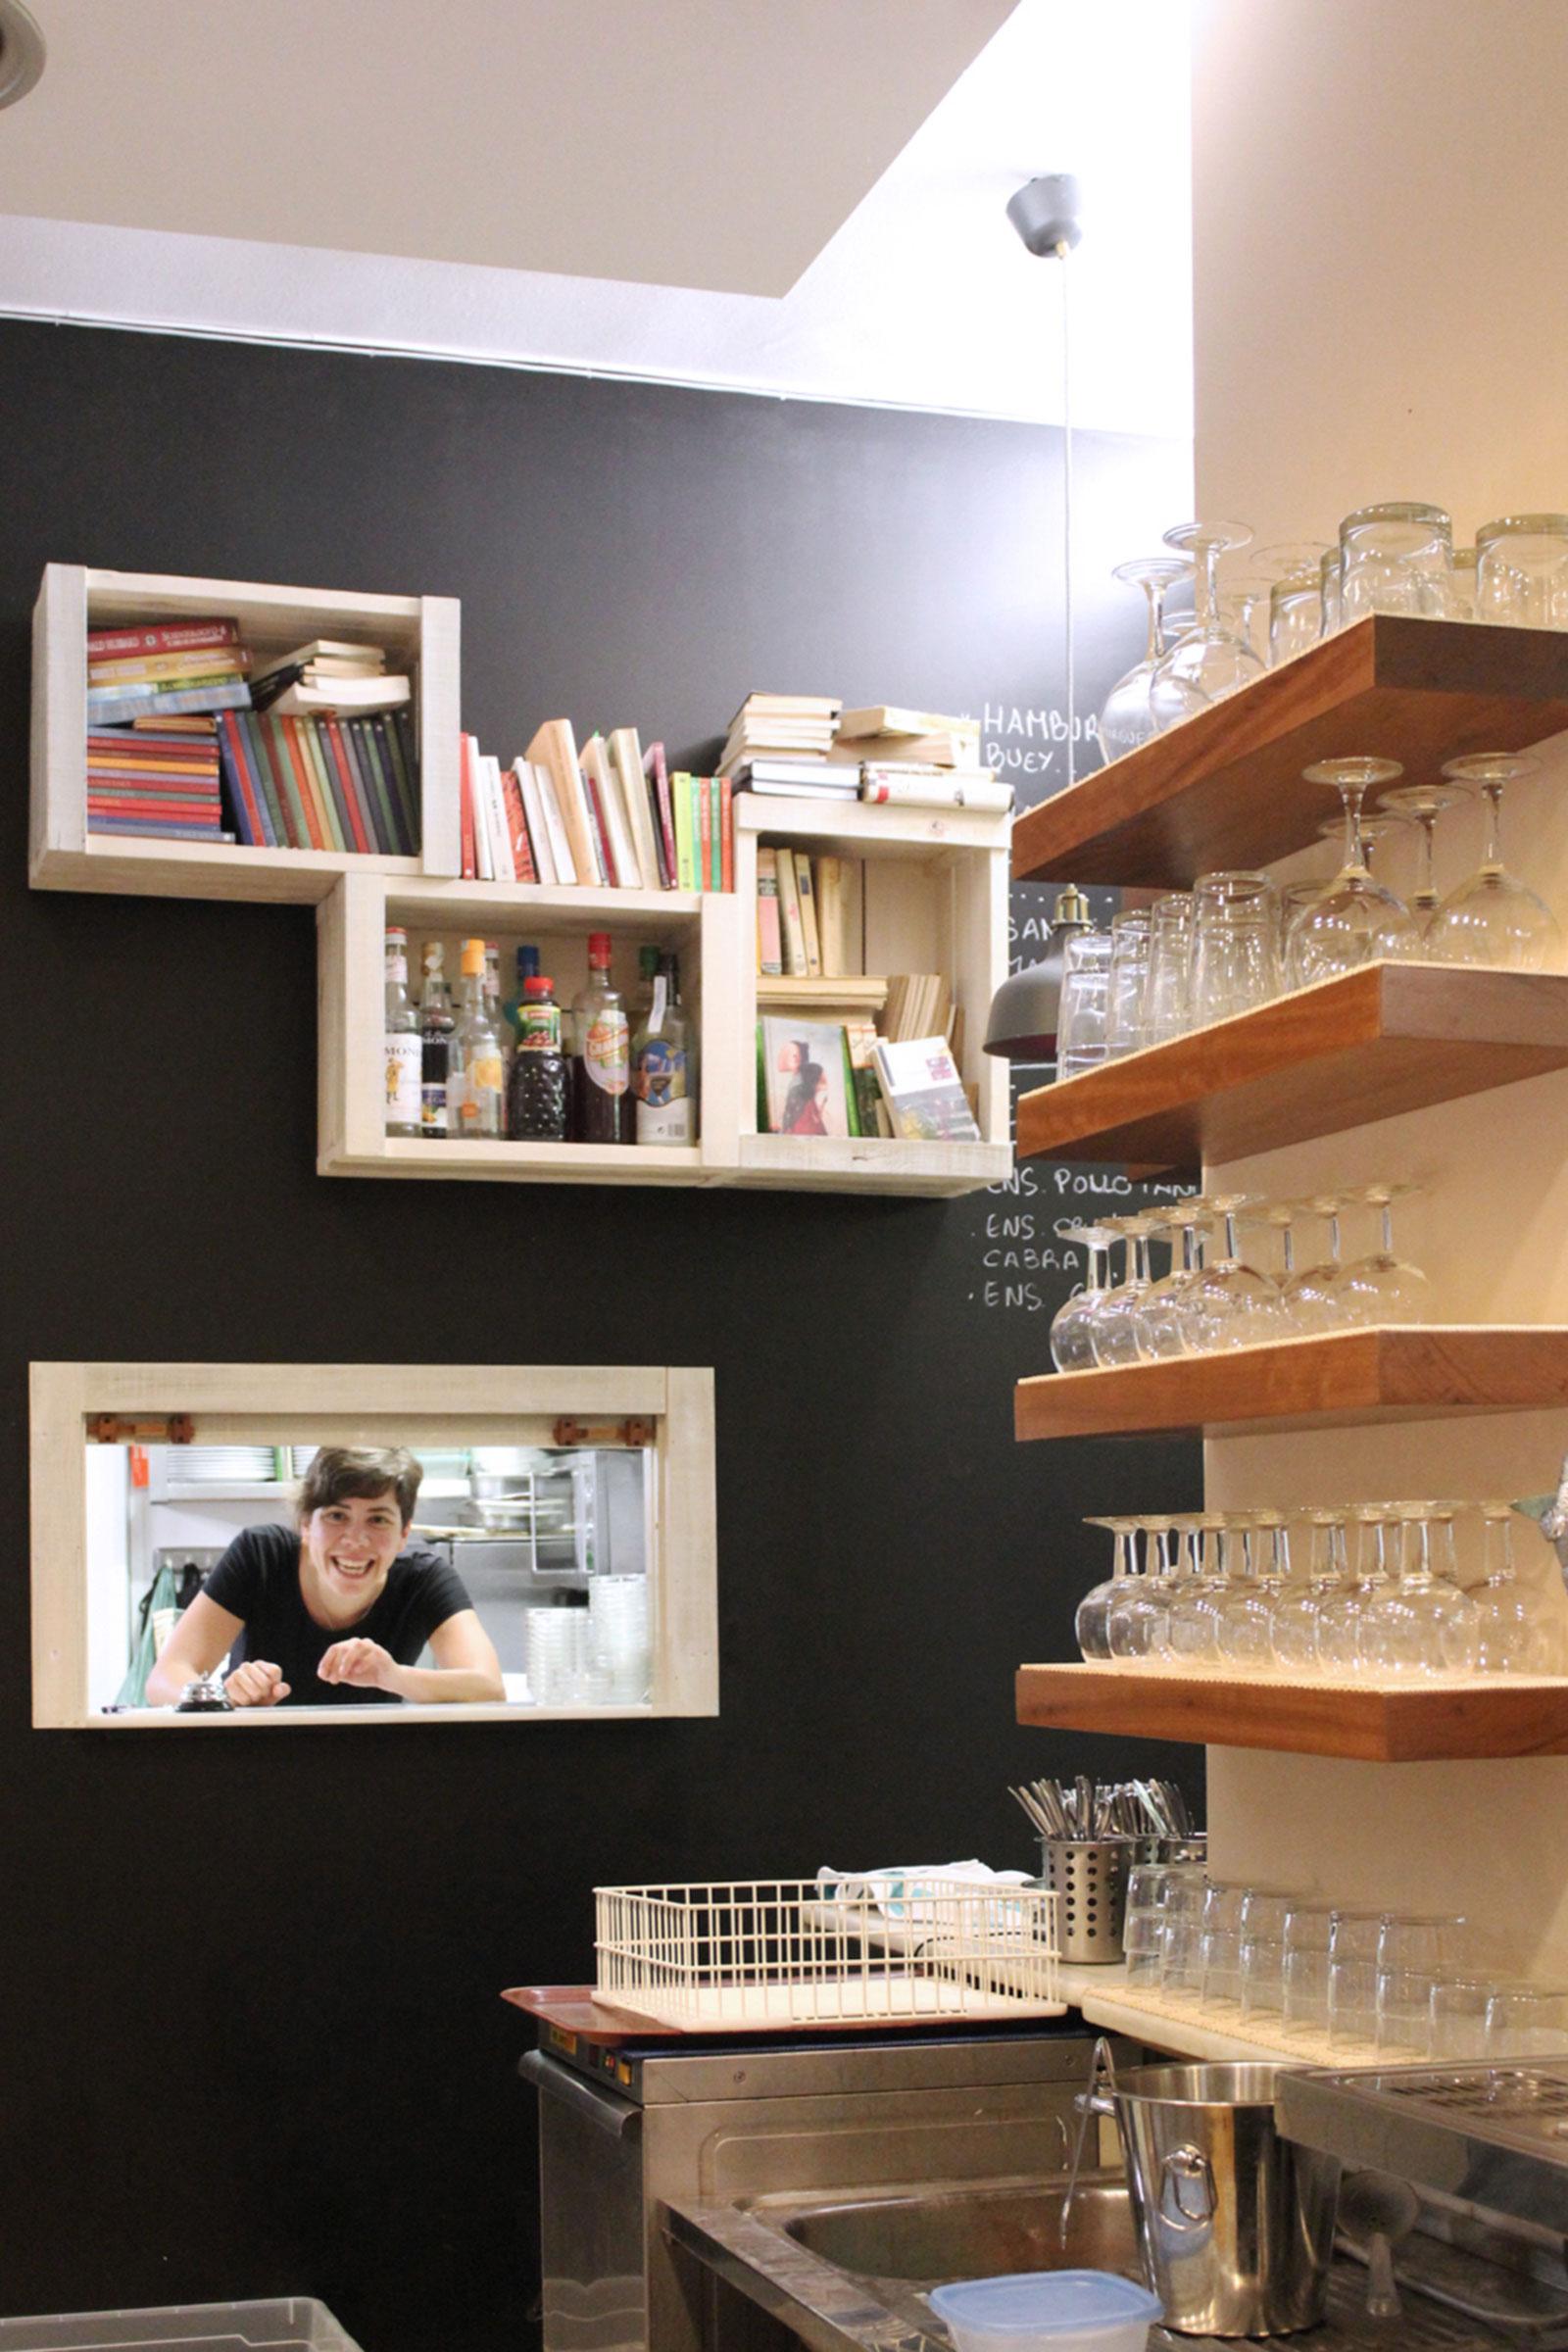 Muebles para cafeteria benoit roubaud artesano - Muebles de cafeteria ...